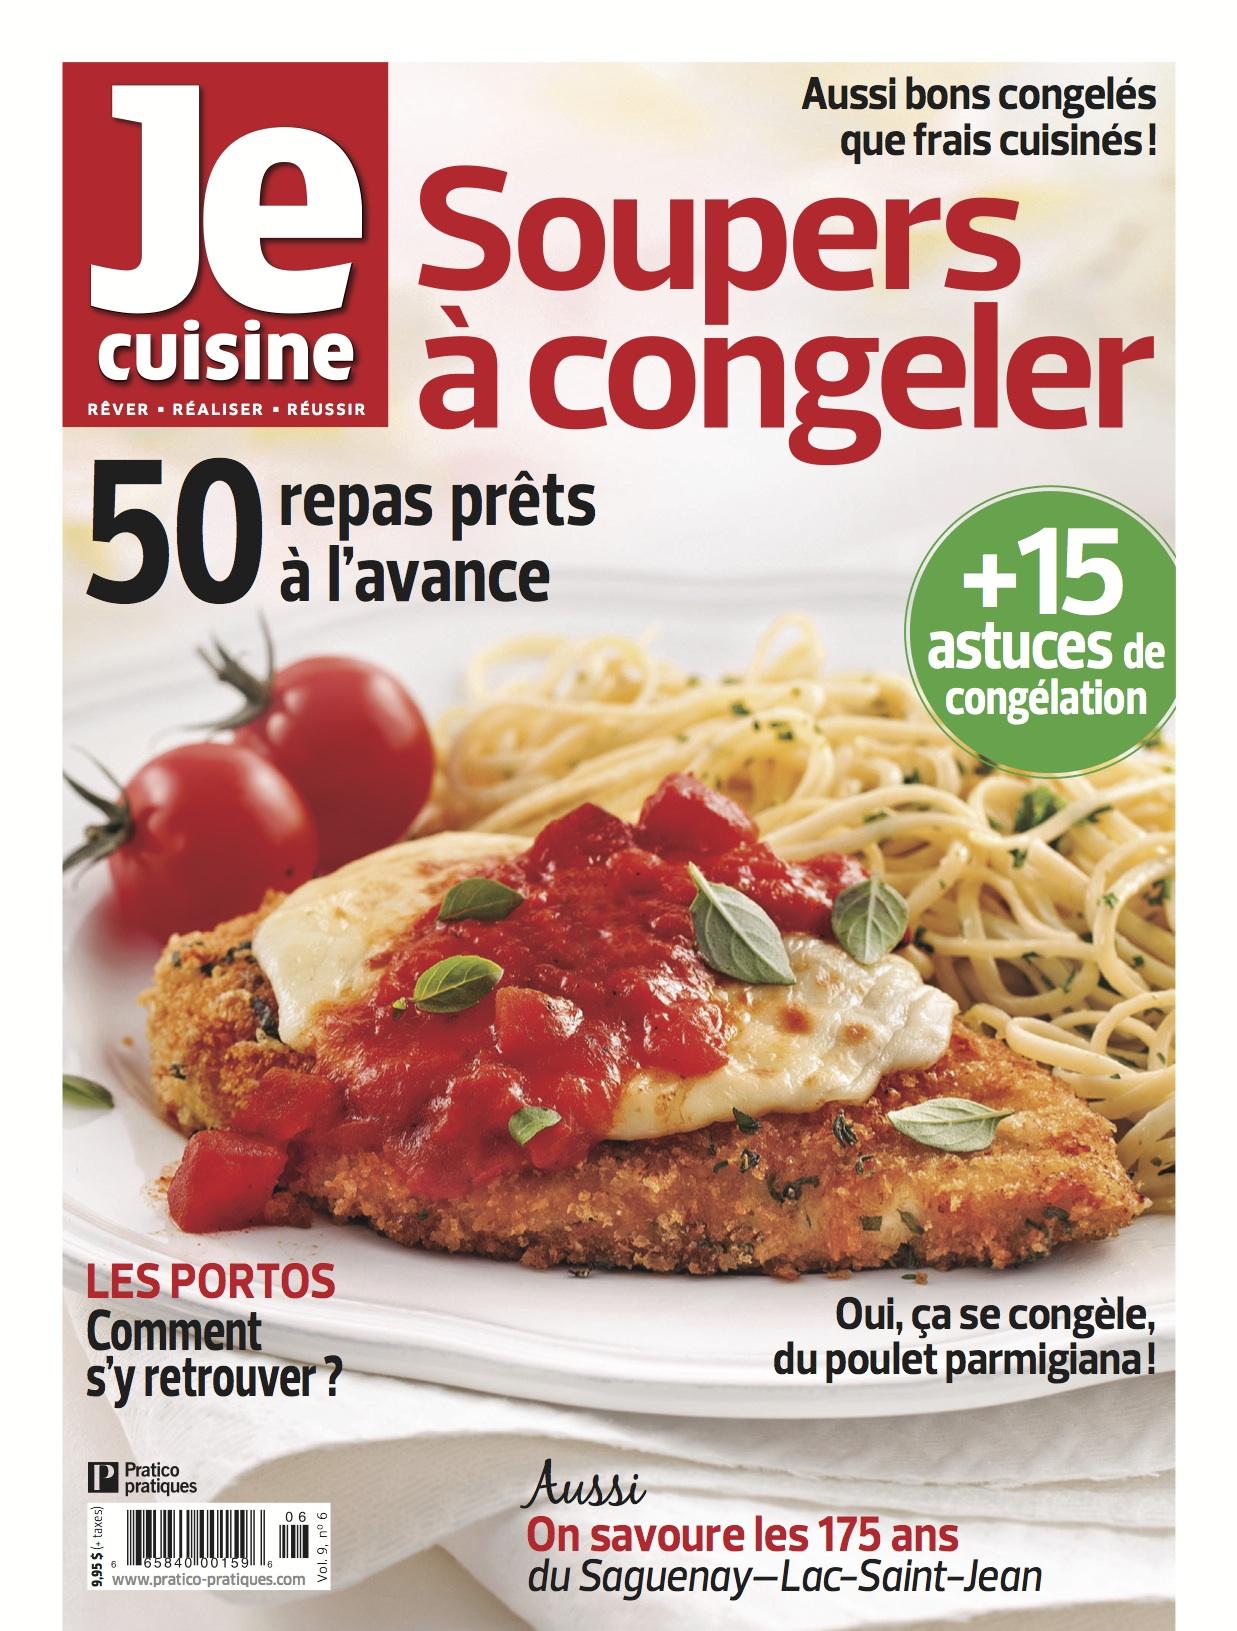 Je cuisine page 4 sur 6 info culture - Plat cuisine a congeler ...